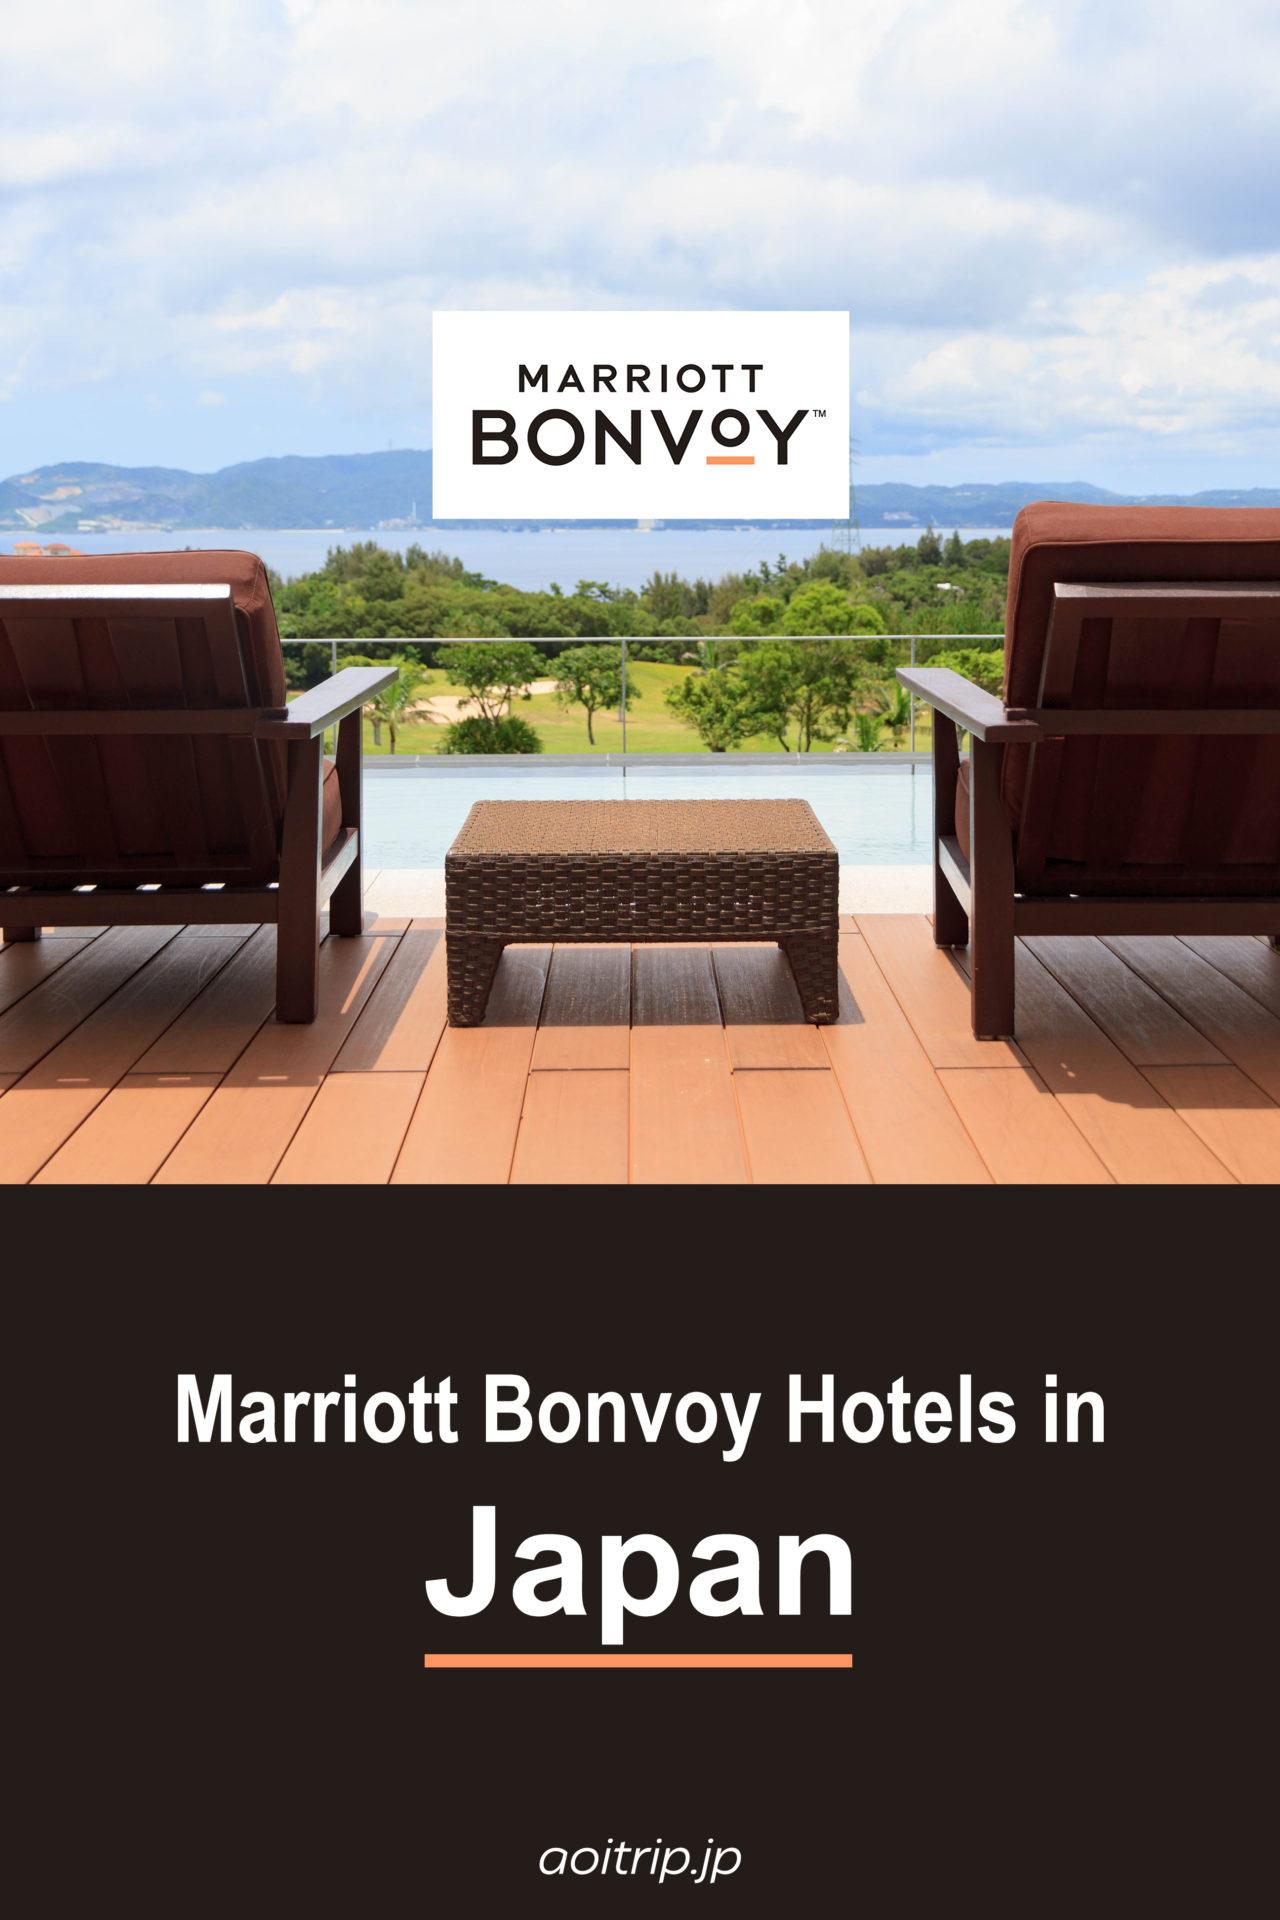 日本のマリオットインターナショナルホテル一覧|Marriott Bonvoy, Japan